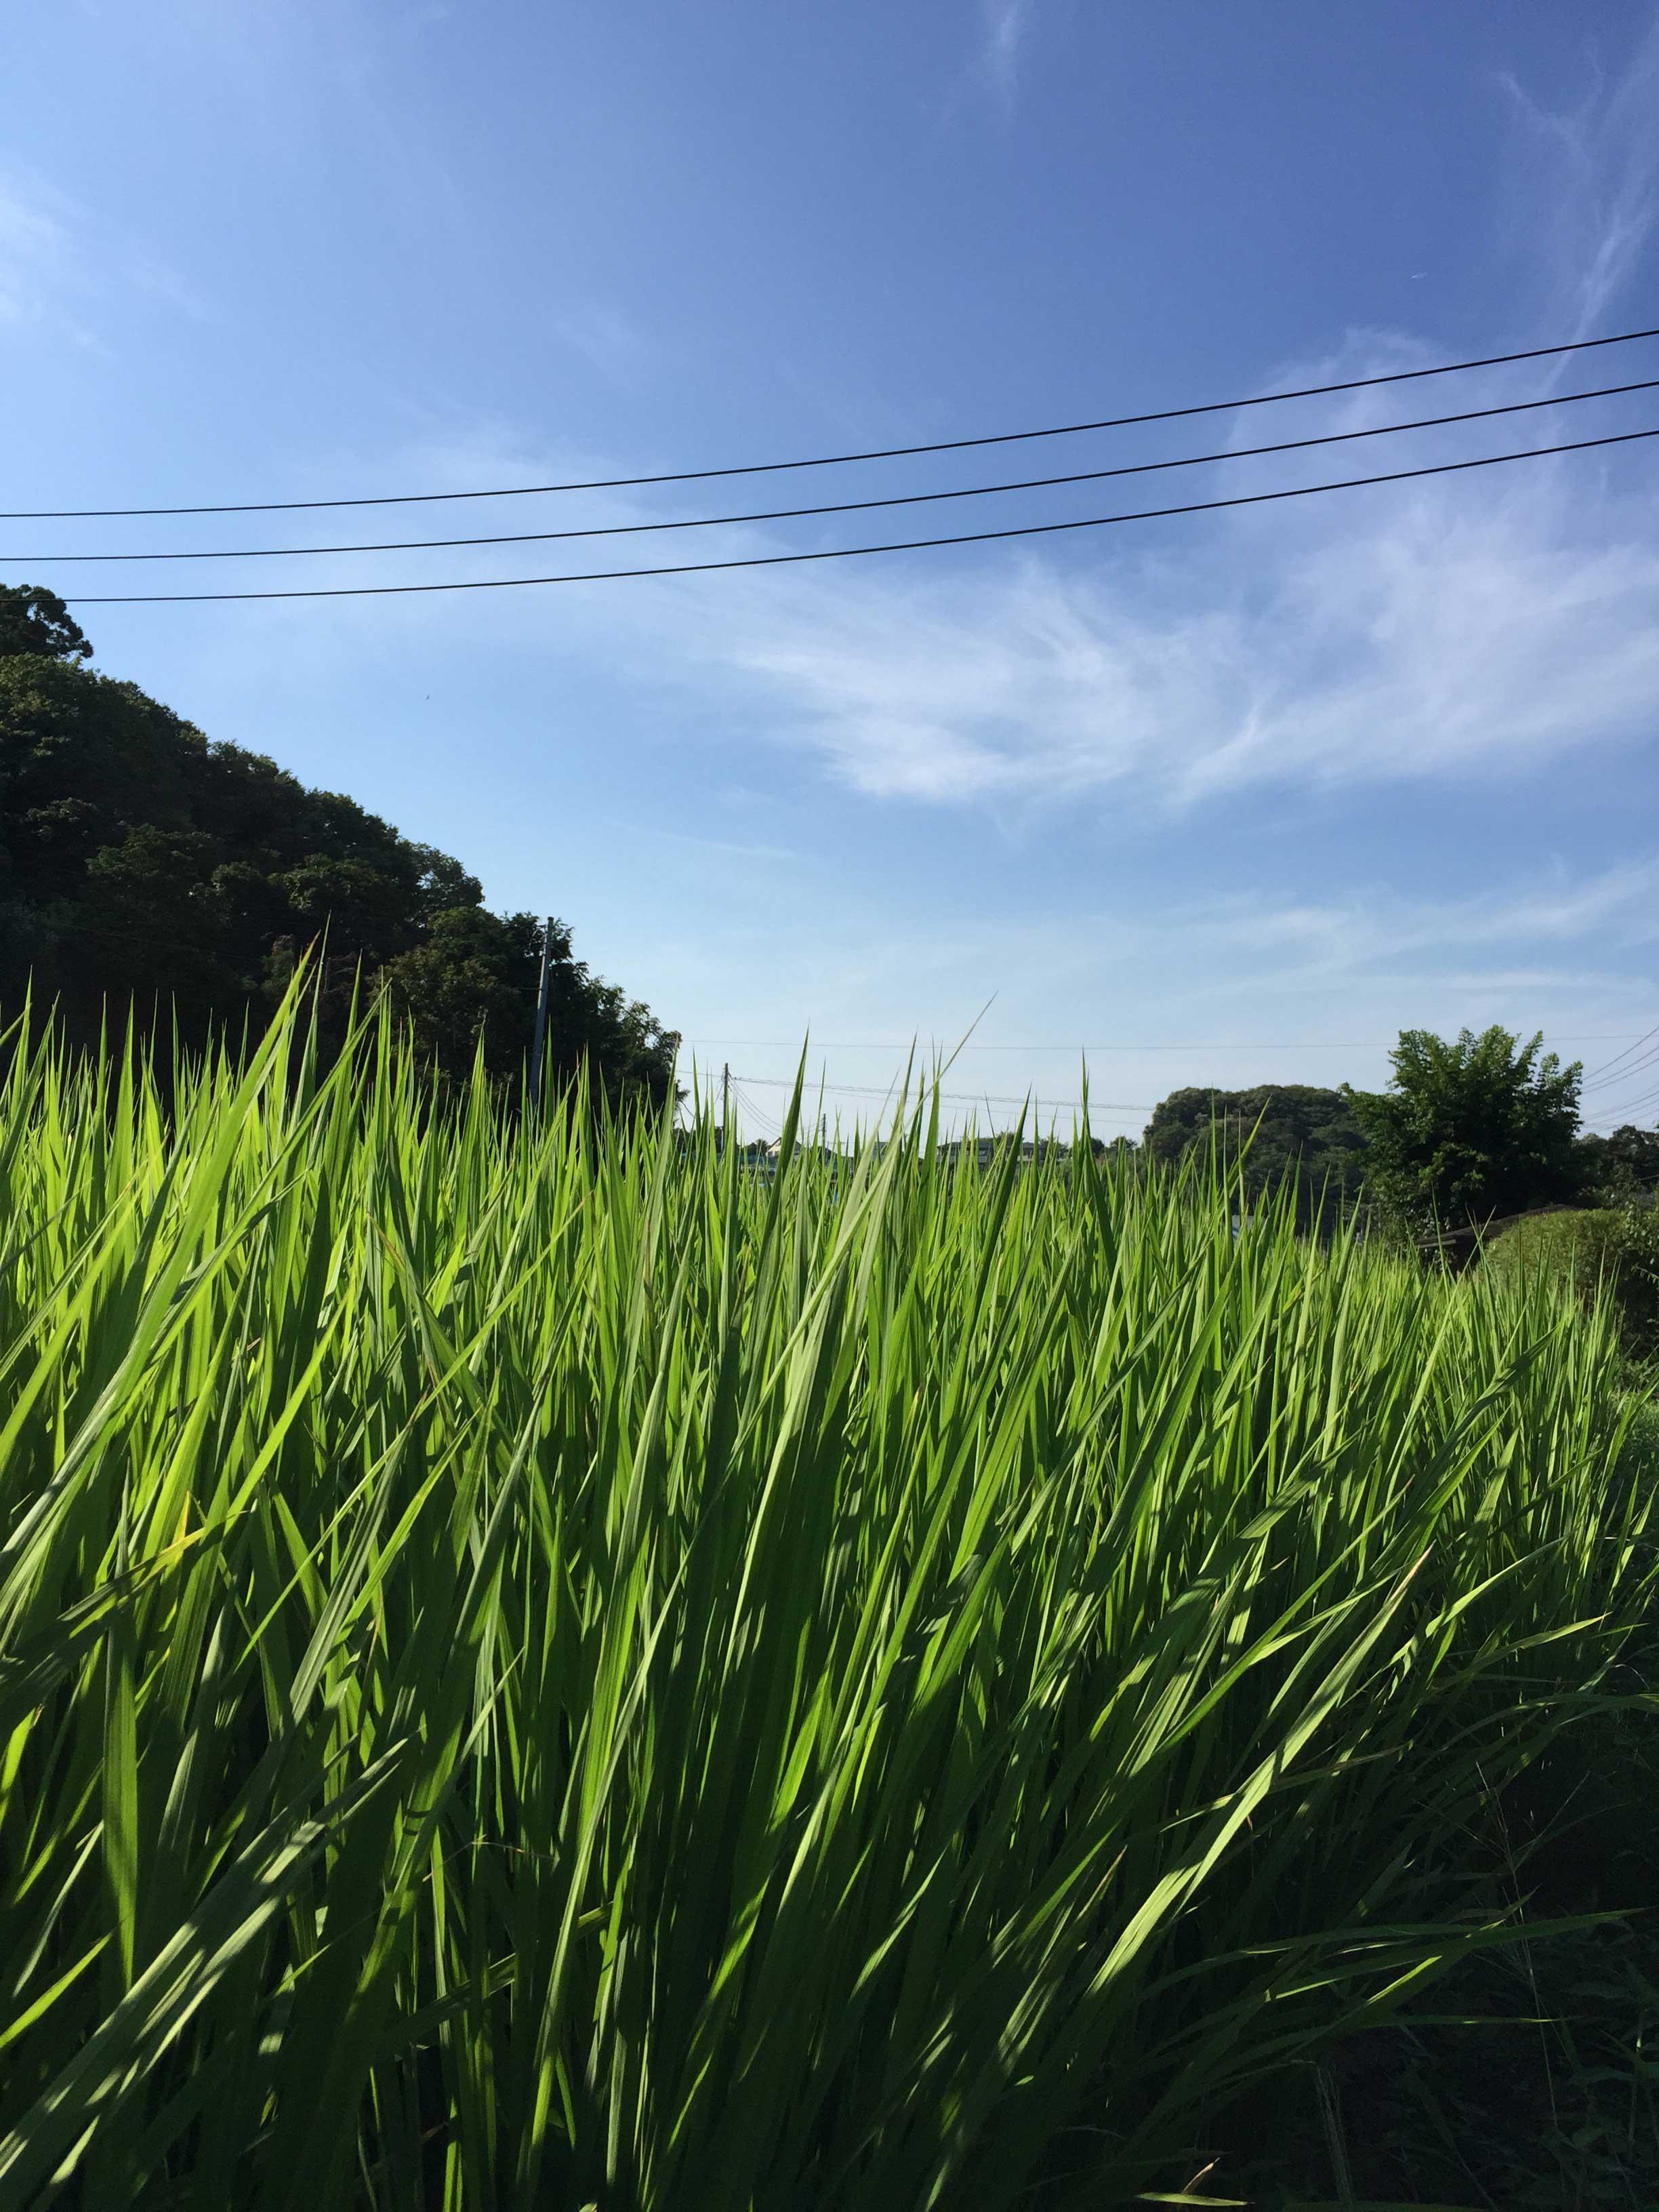 田んぼの風景 - 2015年7月27日